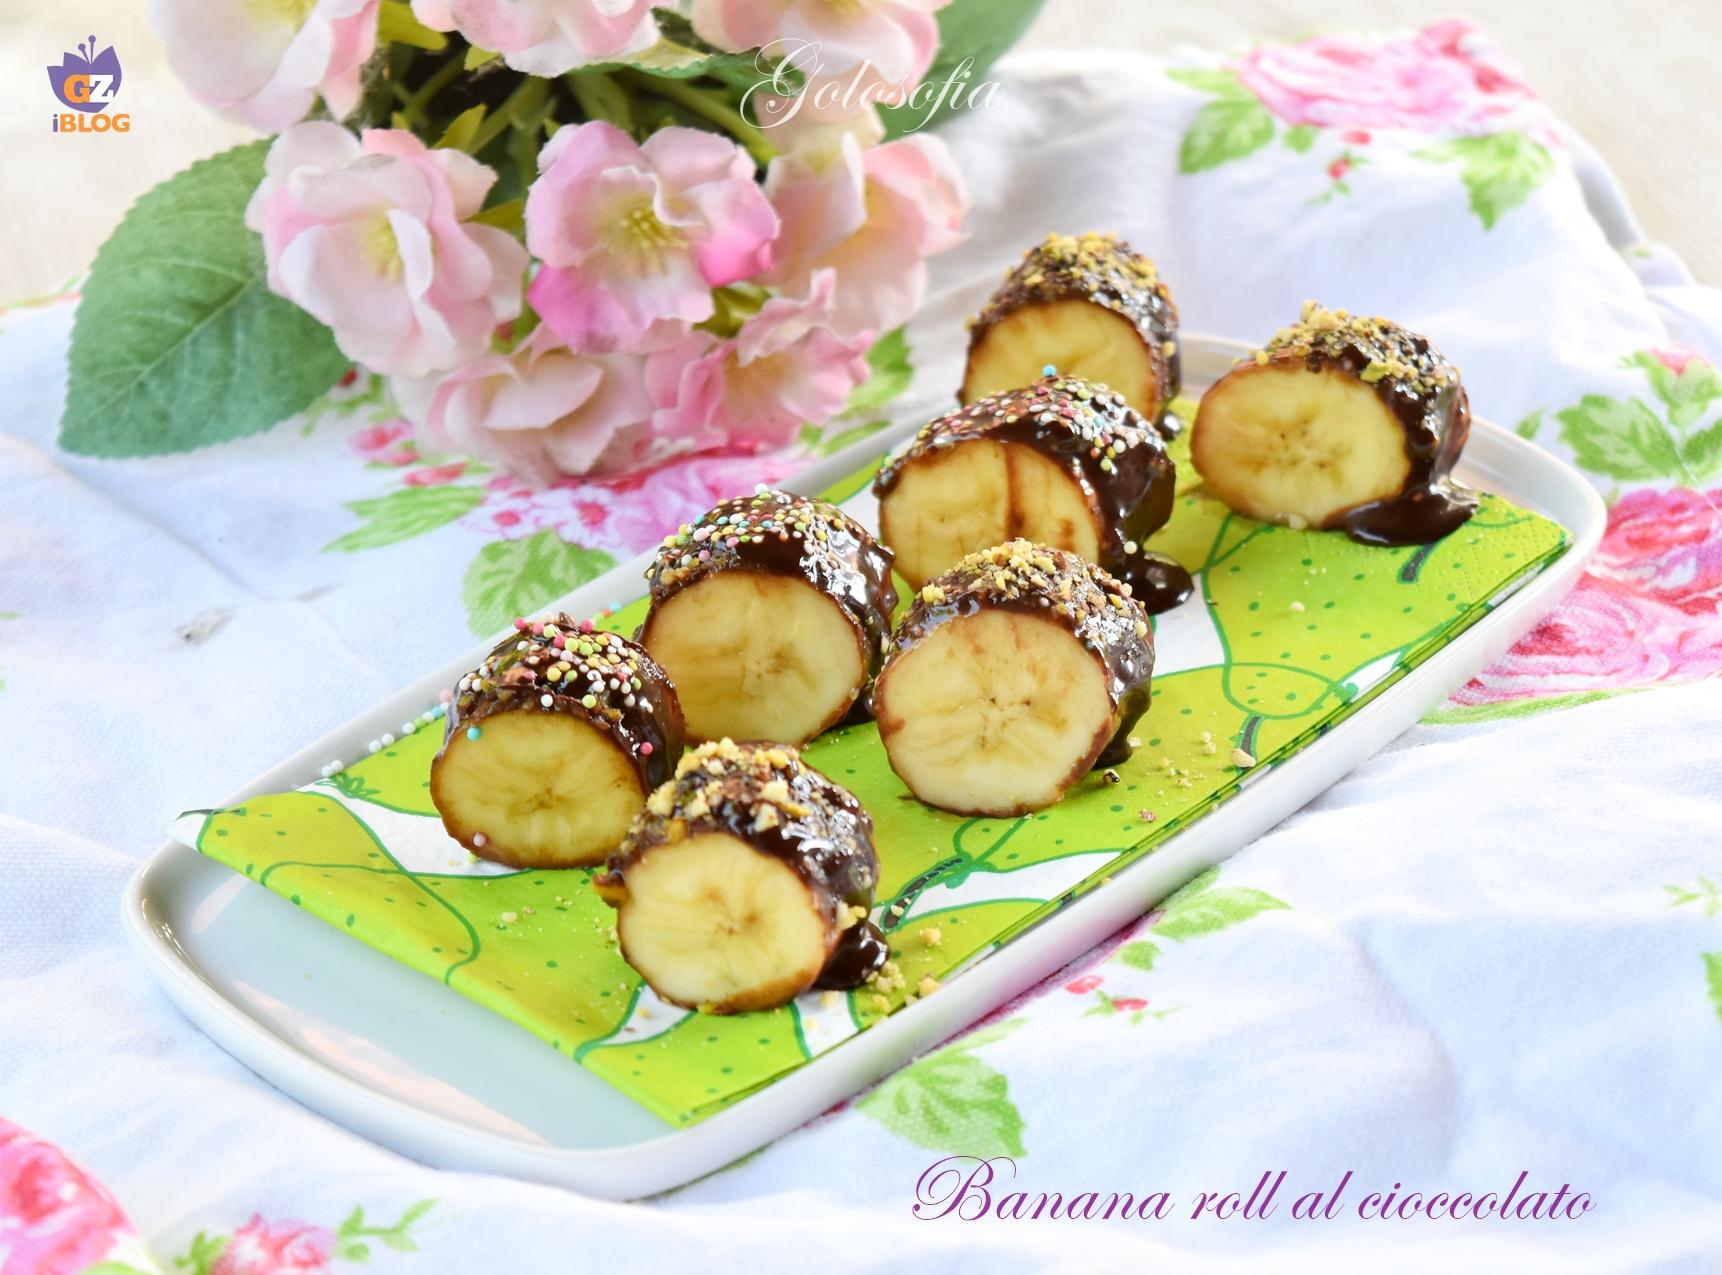 Banana roll al cioccolato-ricetta dolci-golosofia